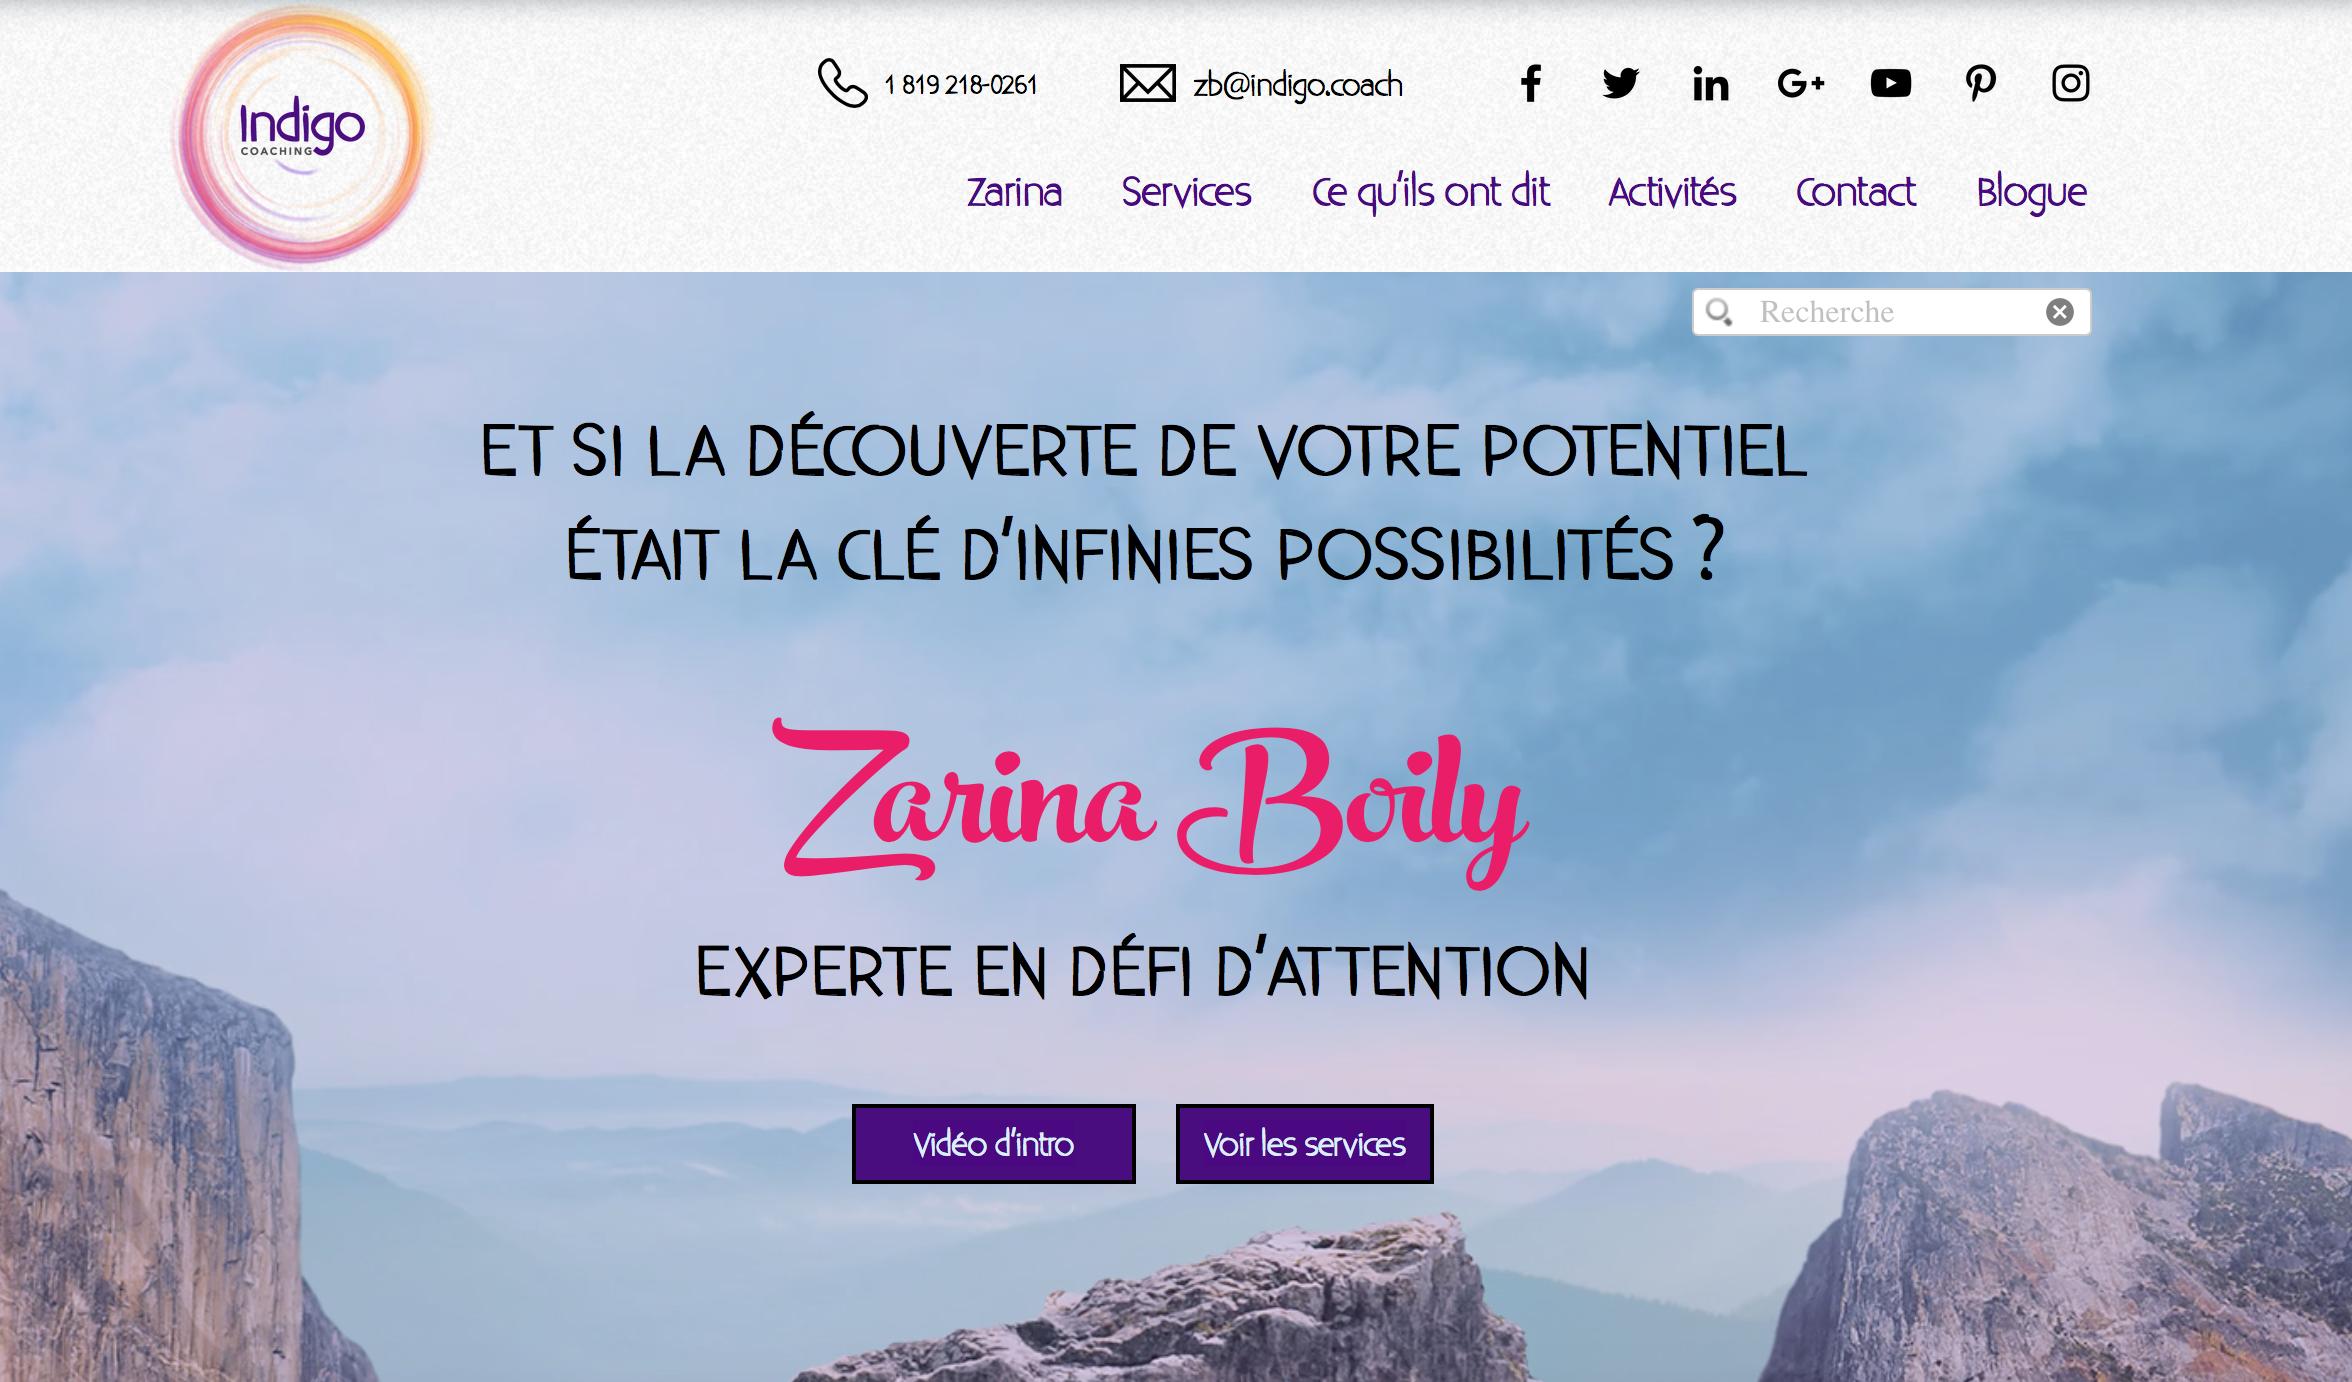 Site Web Indigo